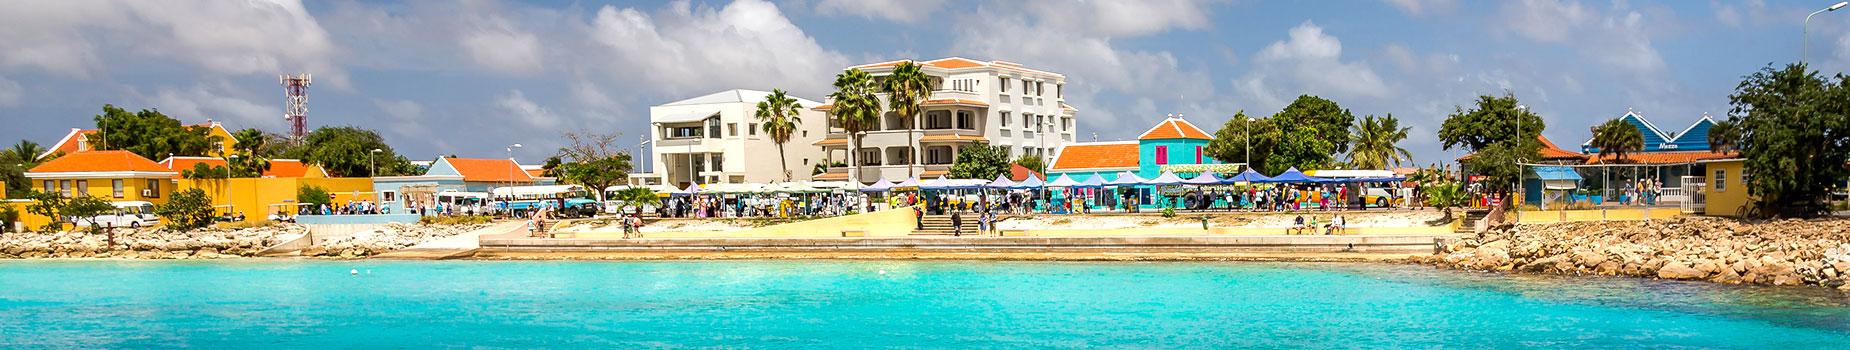 Last Minute Bonaire